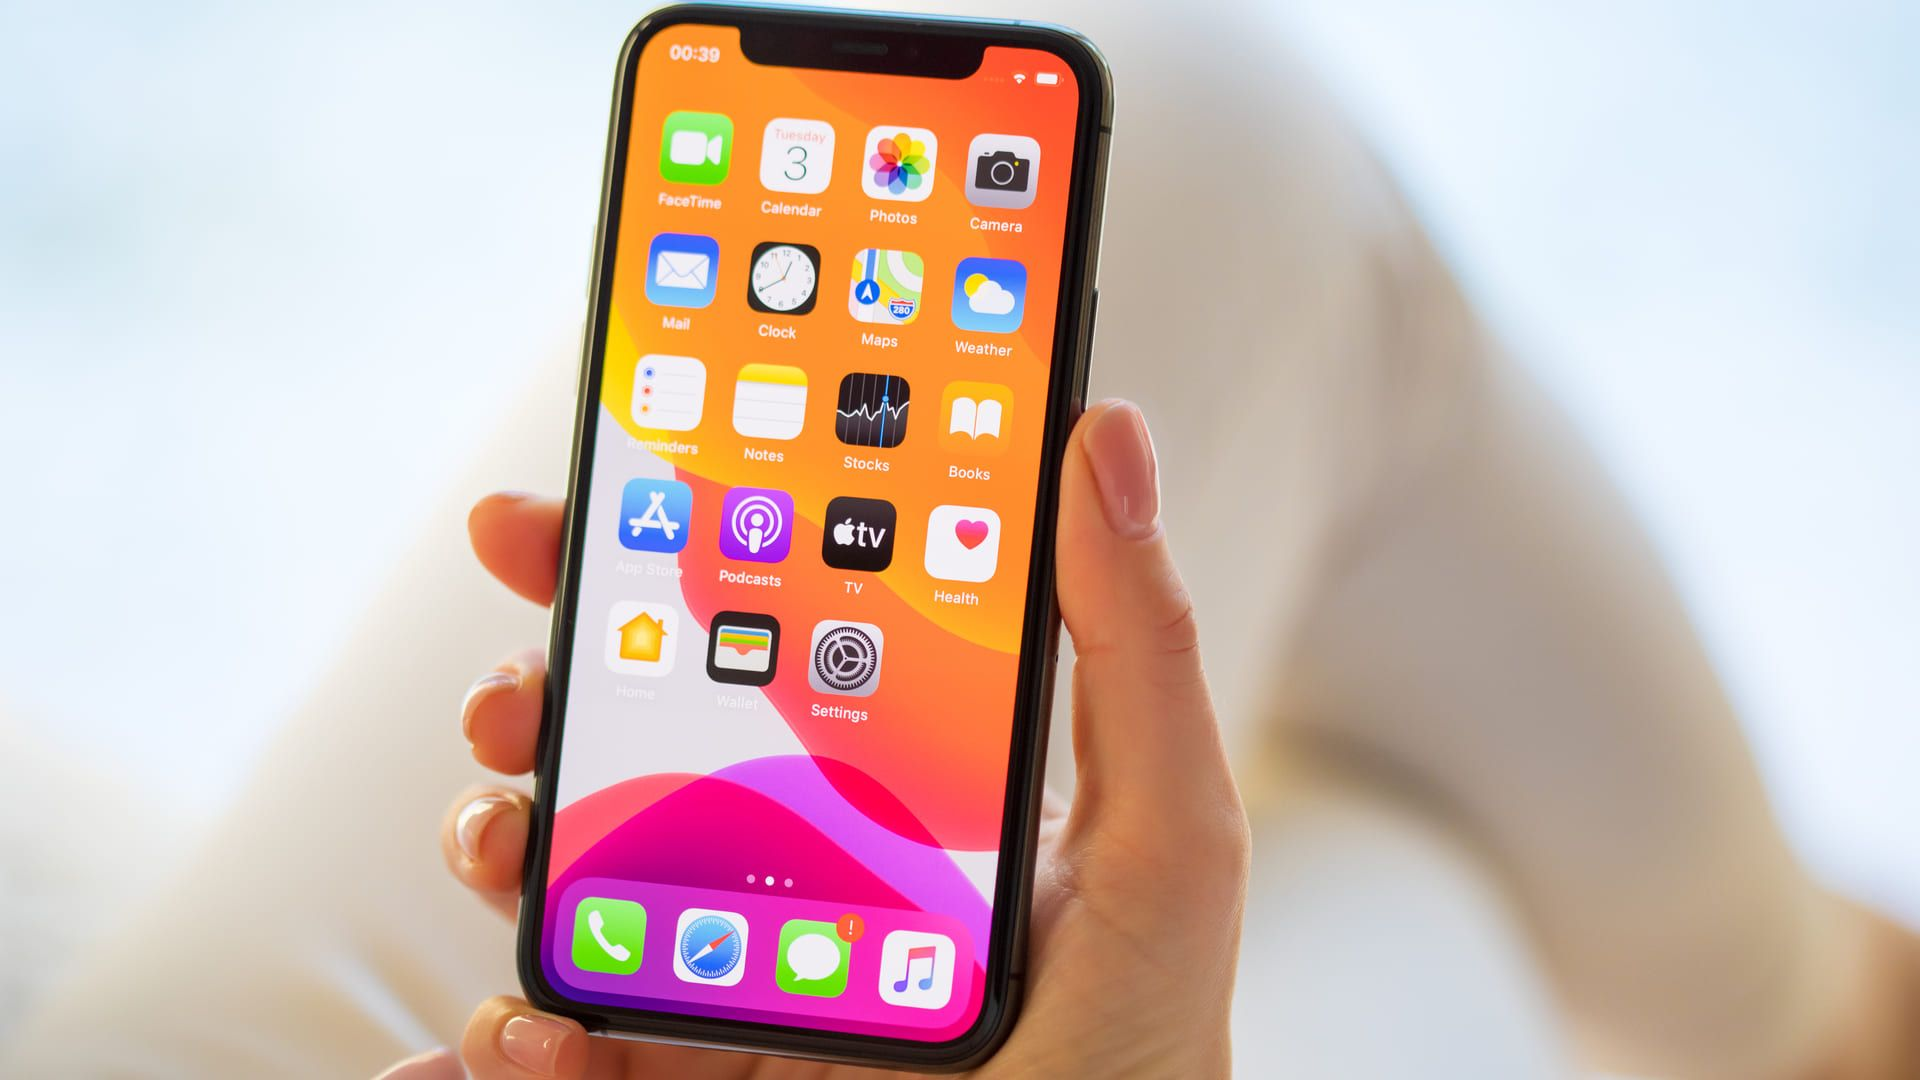 O que é melhor: iPhone ou Android? iOS é sistema fluido e rápido (Foto: Kicking Studio / Shutterstock.com)